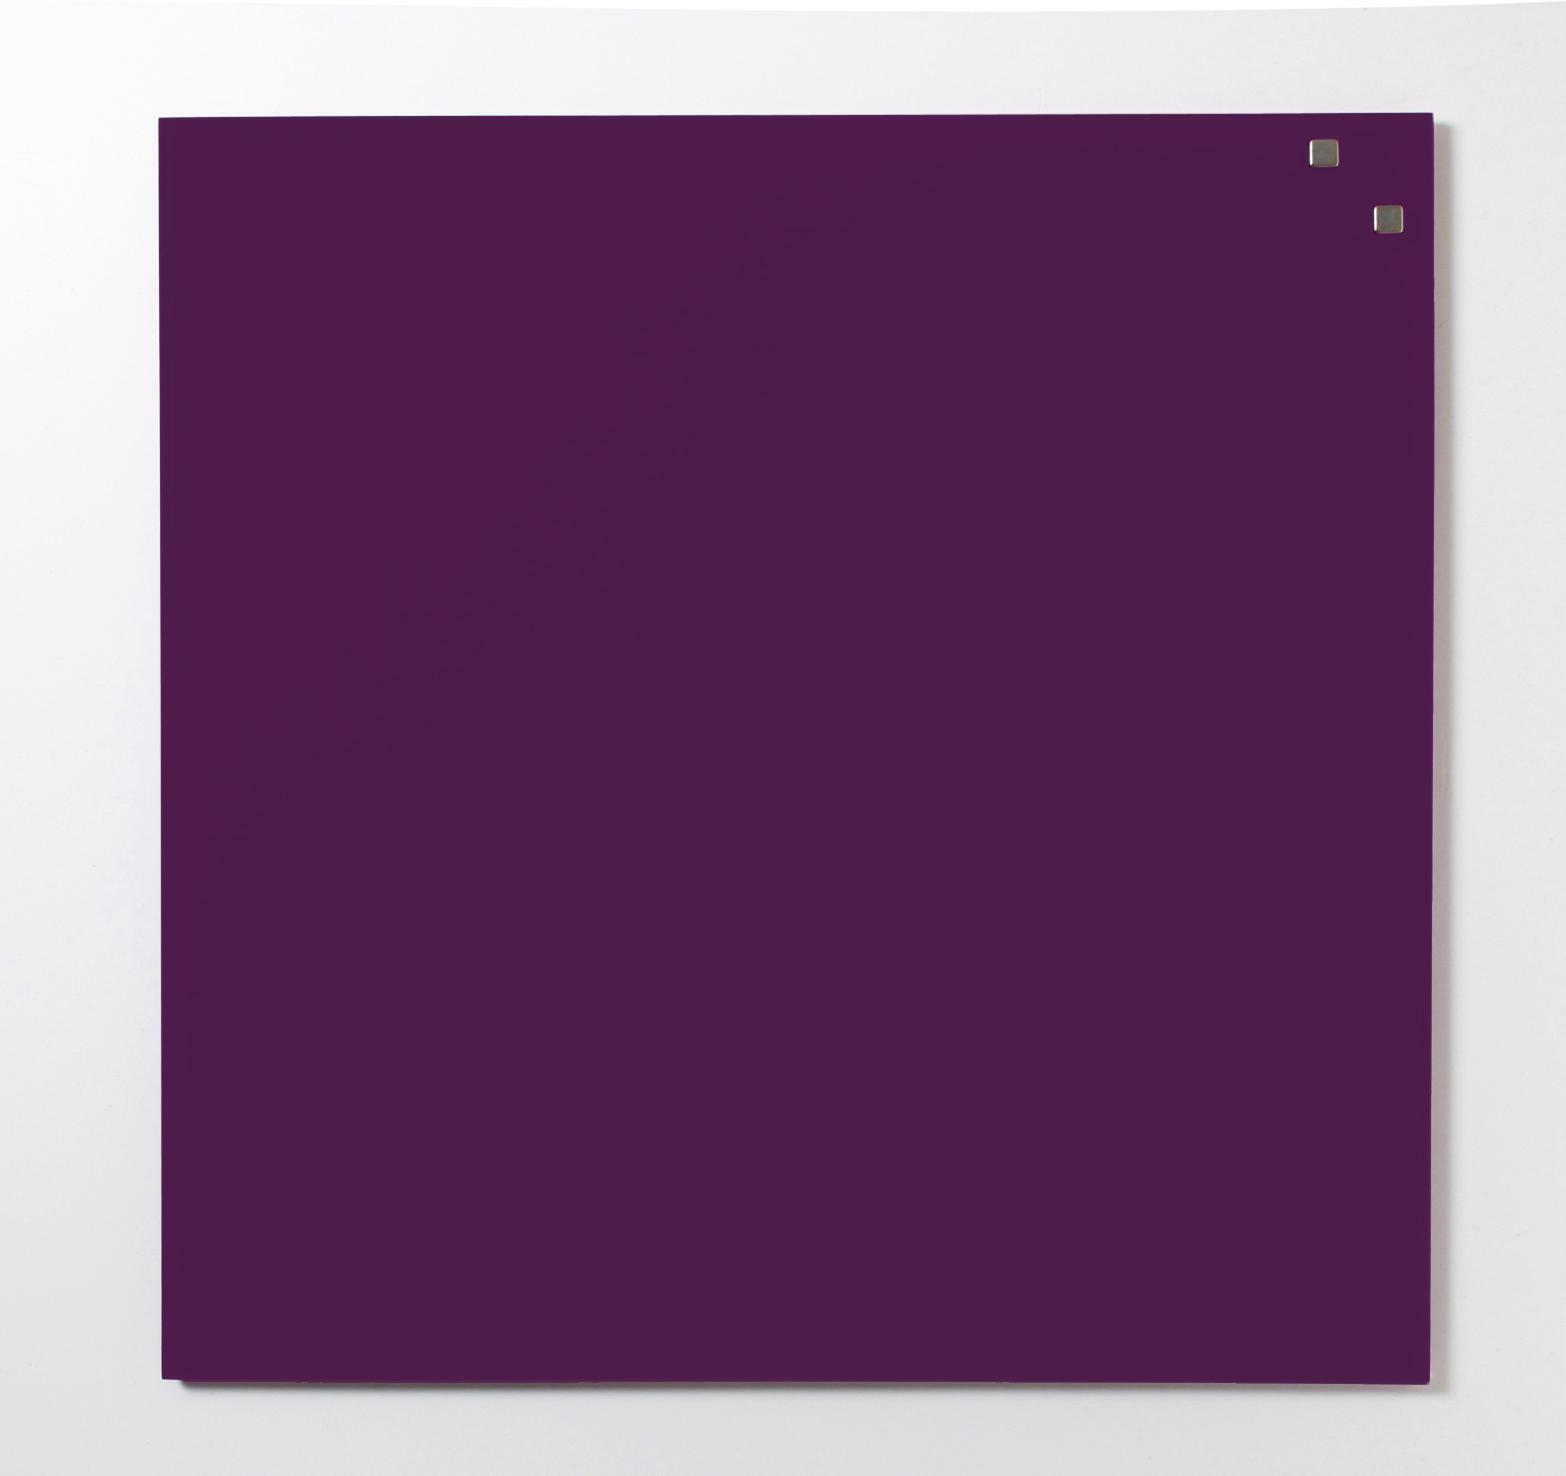 Tabule magnetické skleněné - 45 x 45 cm / tmavě fialová